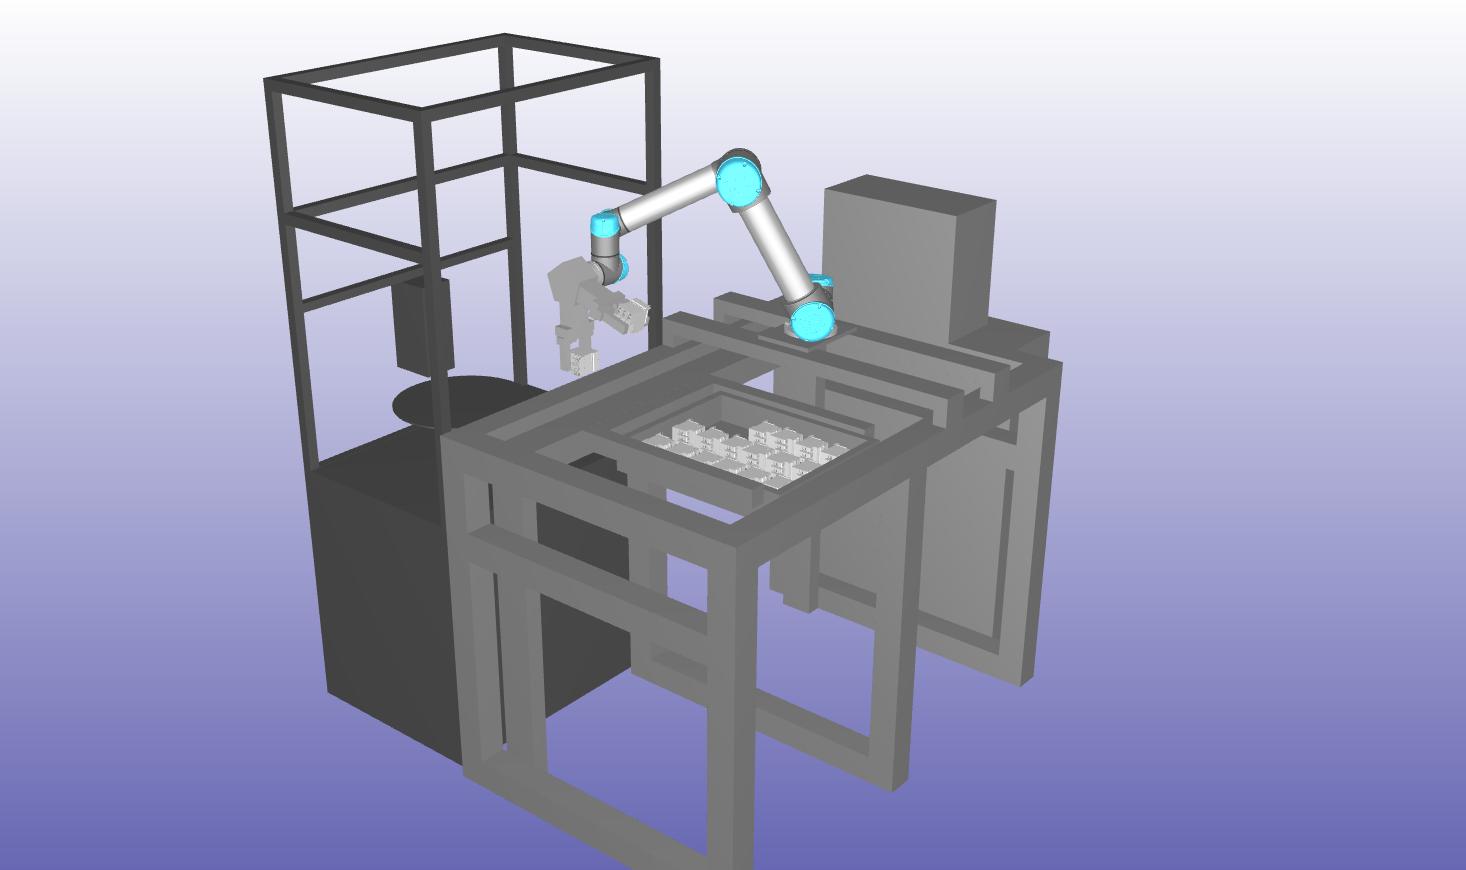 第5回「RoboDKを導入して、できるようになったこと」